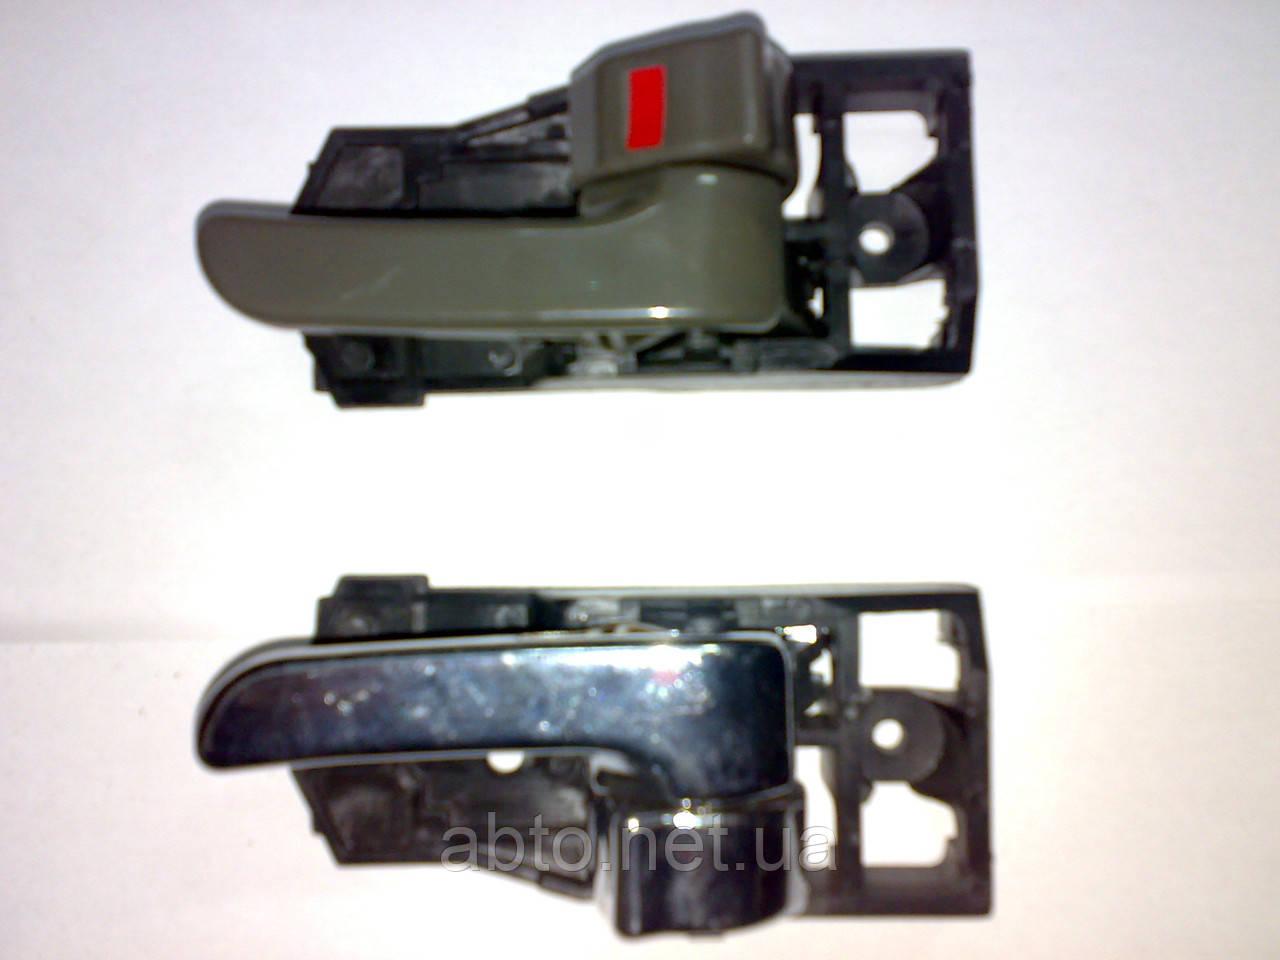 Ручка открывания двери внутреняя Chery Tiggo T11 (Чери Тигго T11), T11-6105130 / T11-6105120.